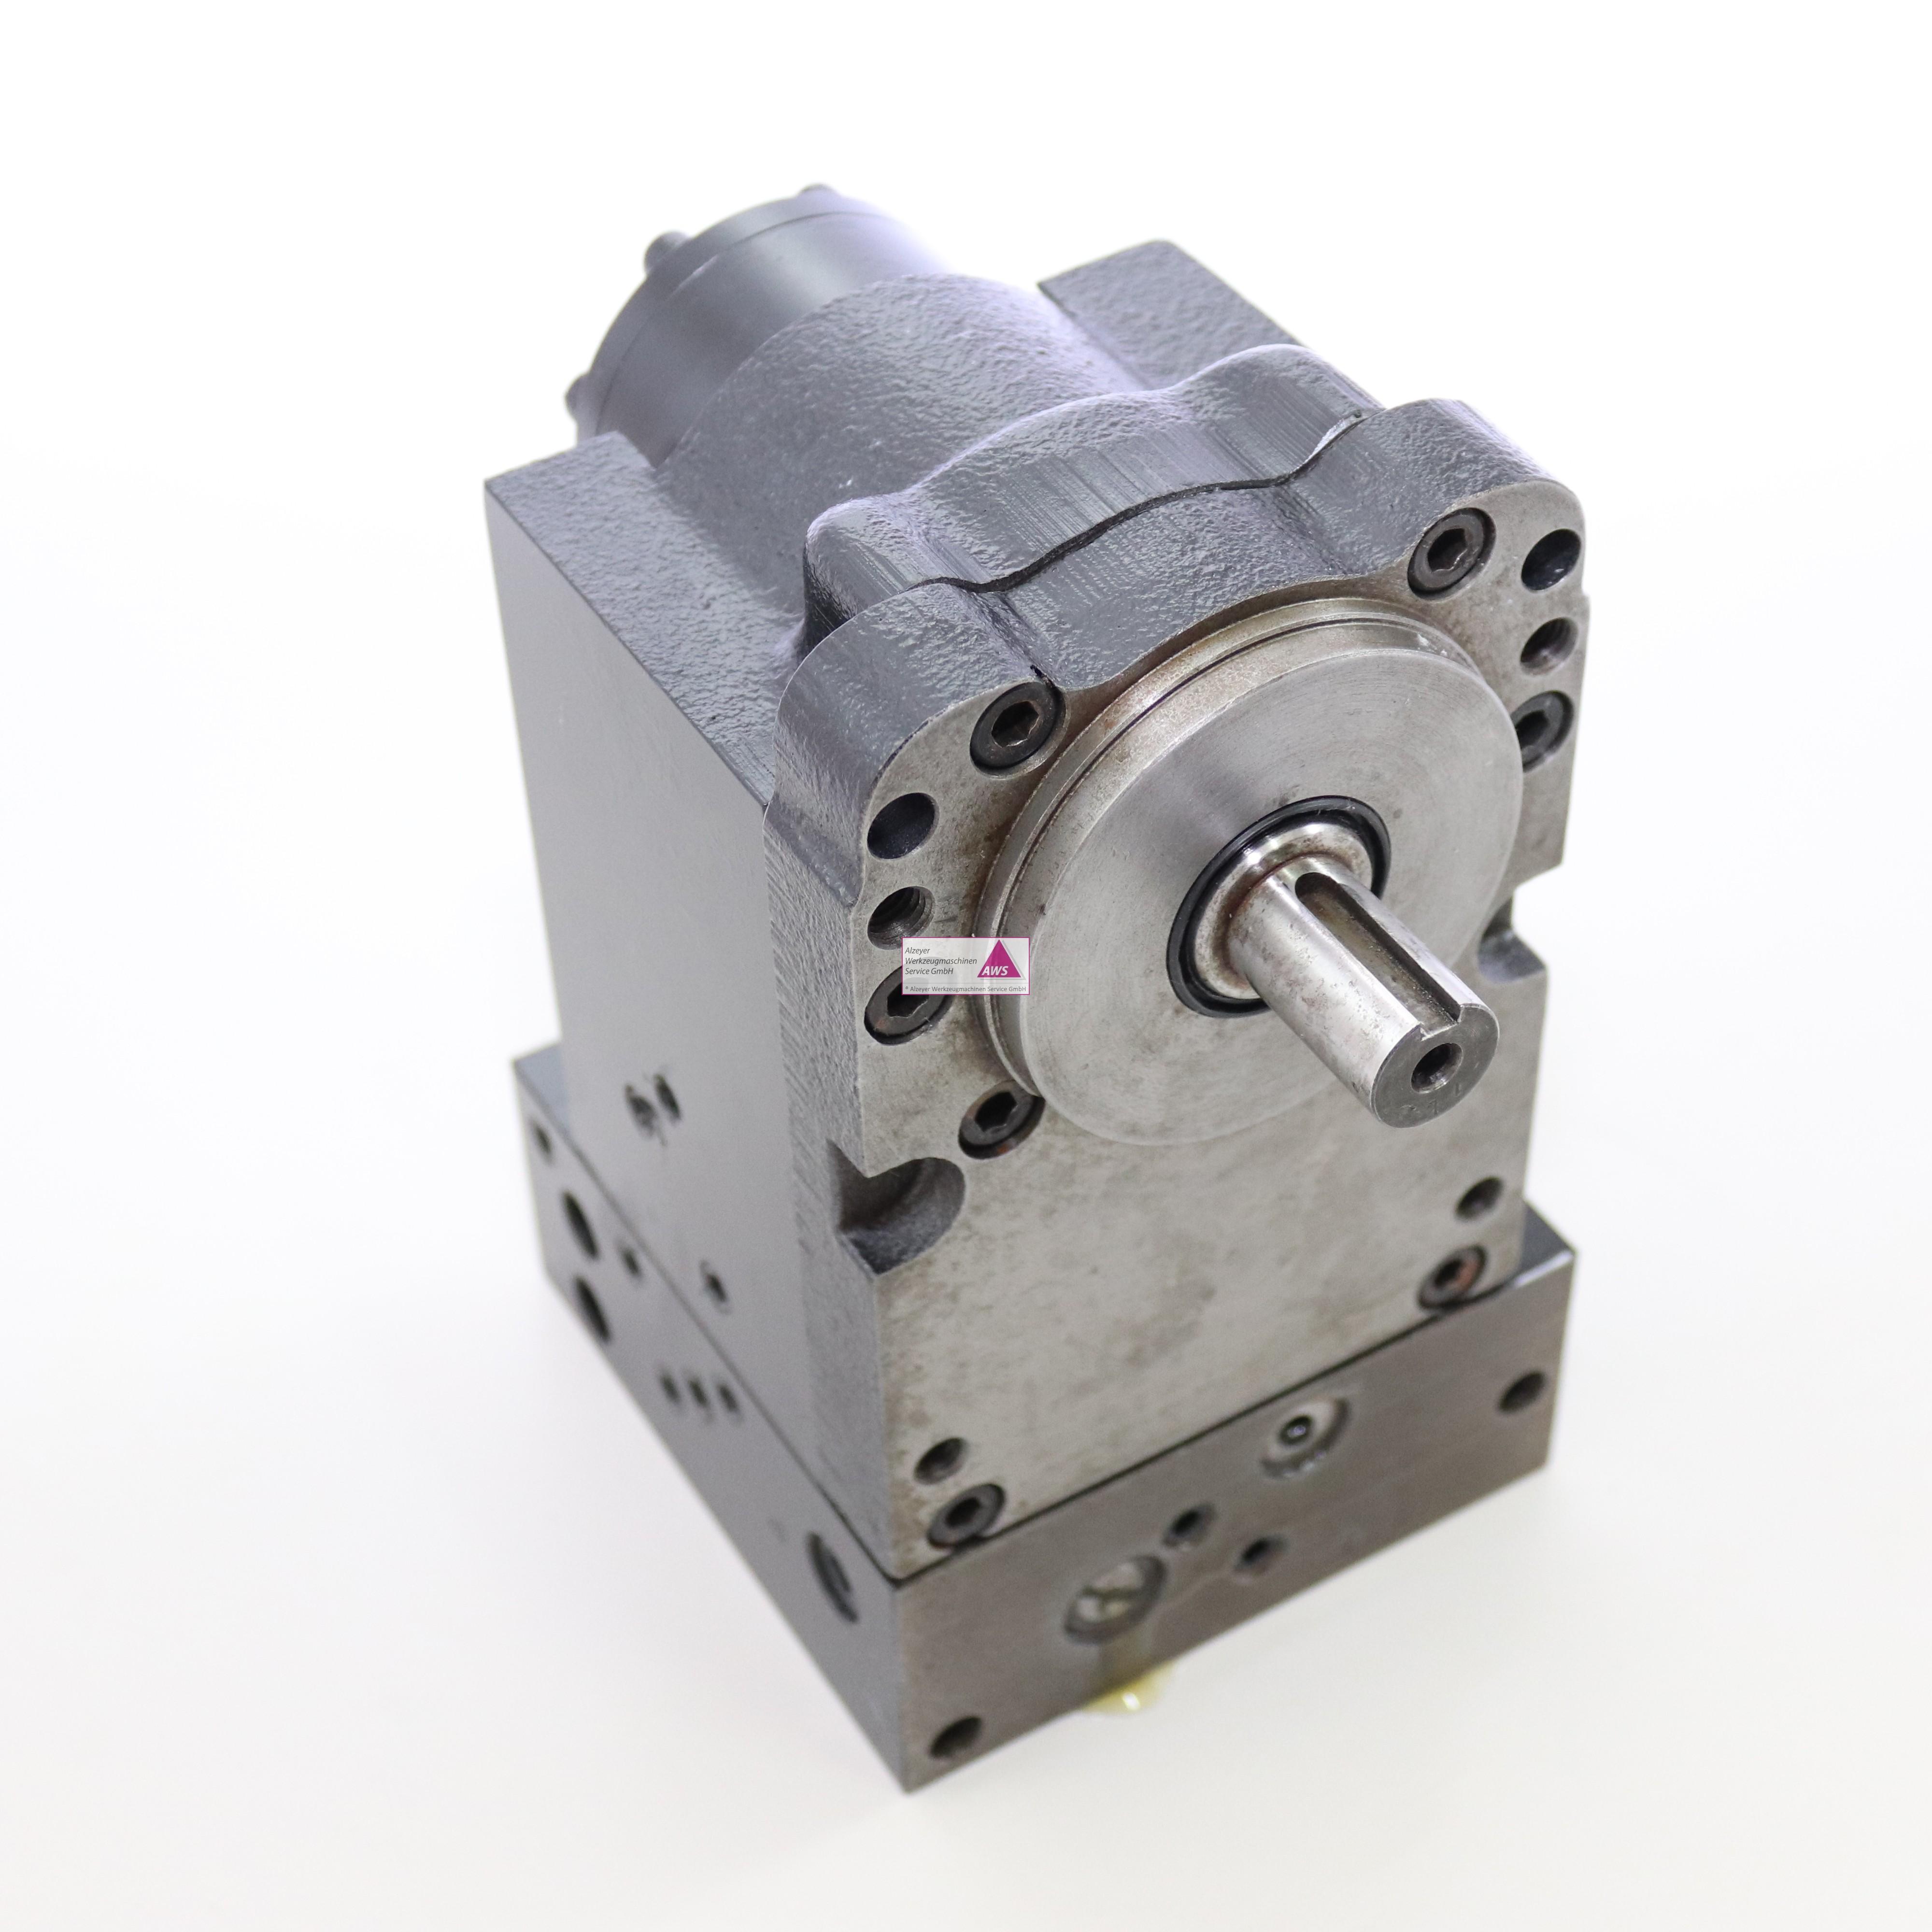 Indexmotor G10ZZ001601 für Mazak